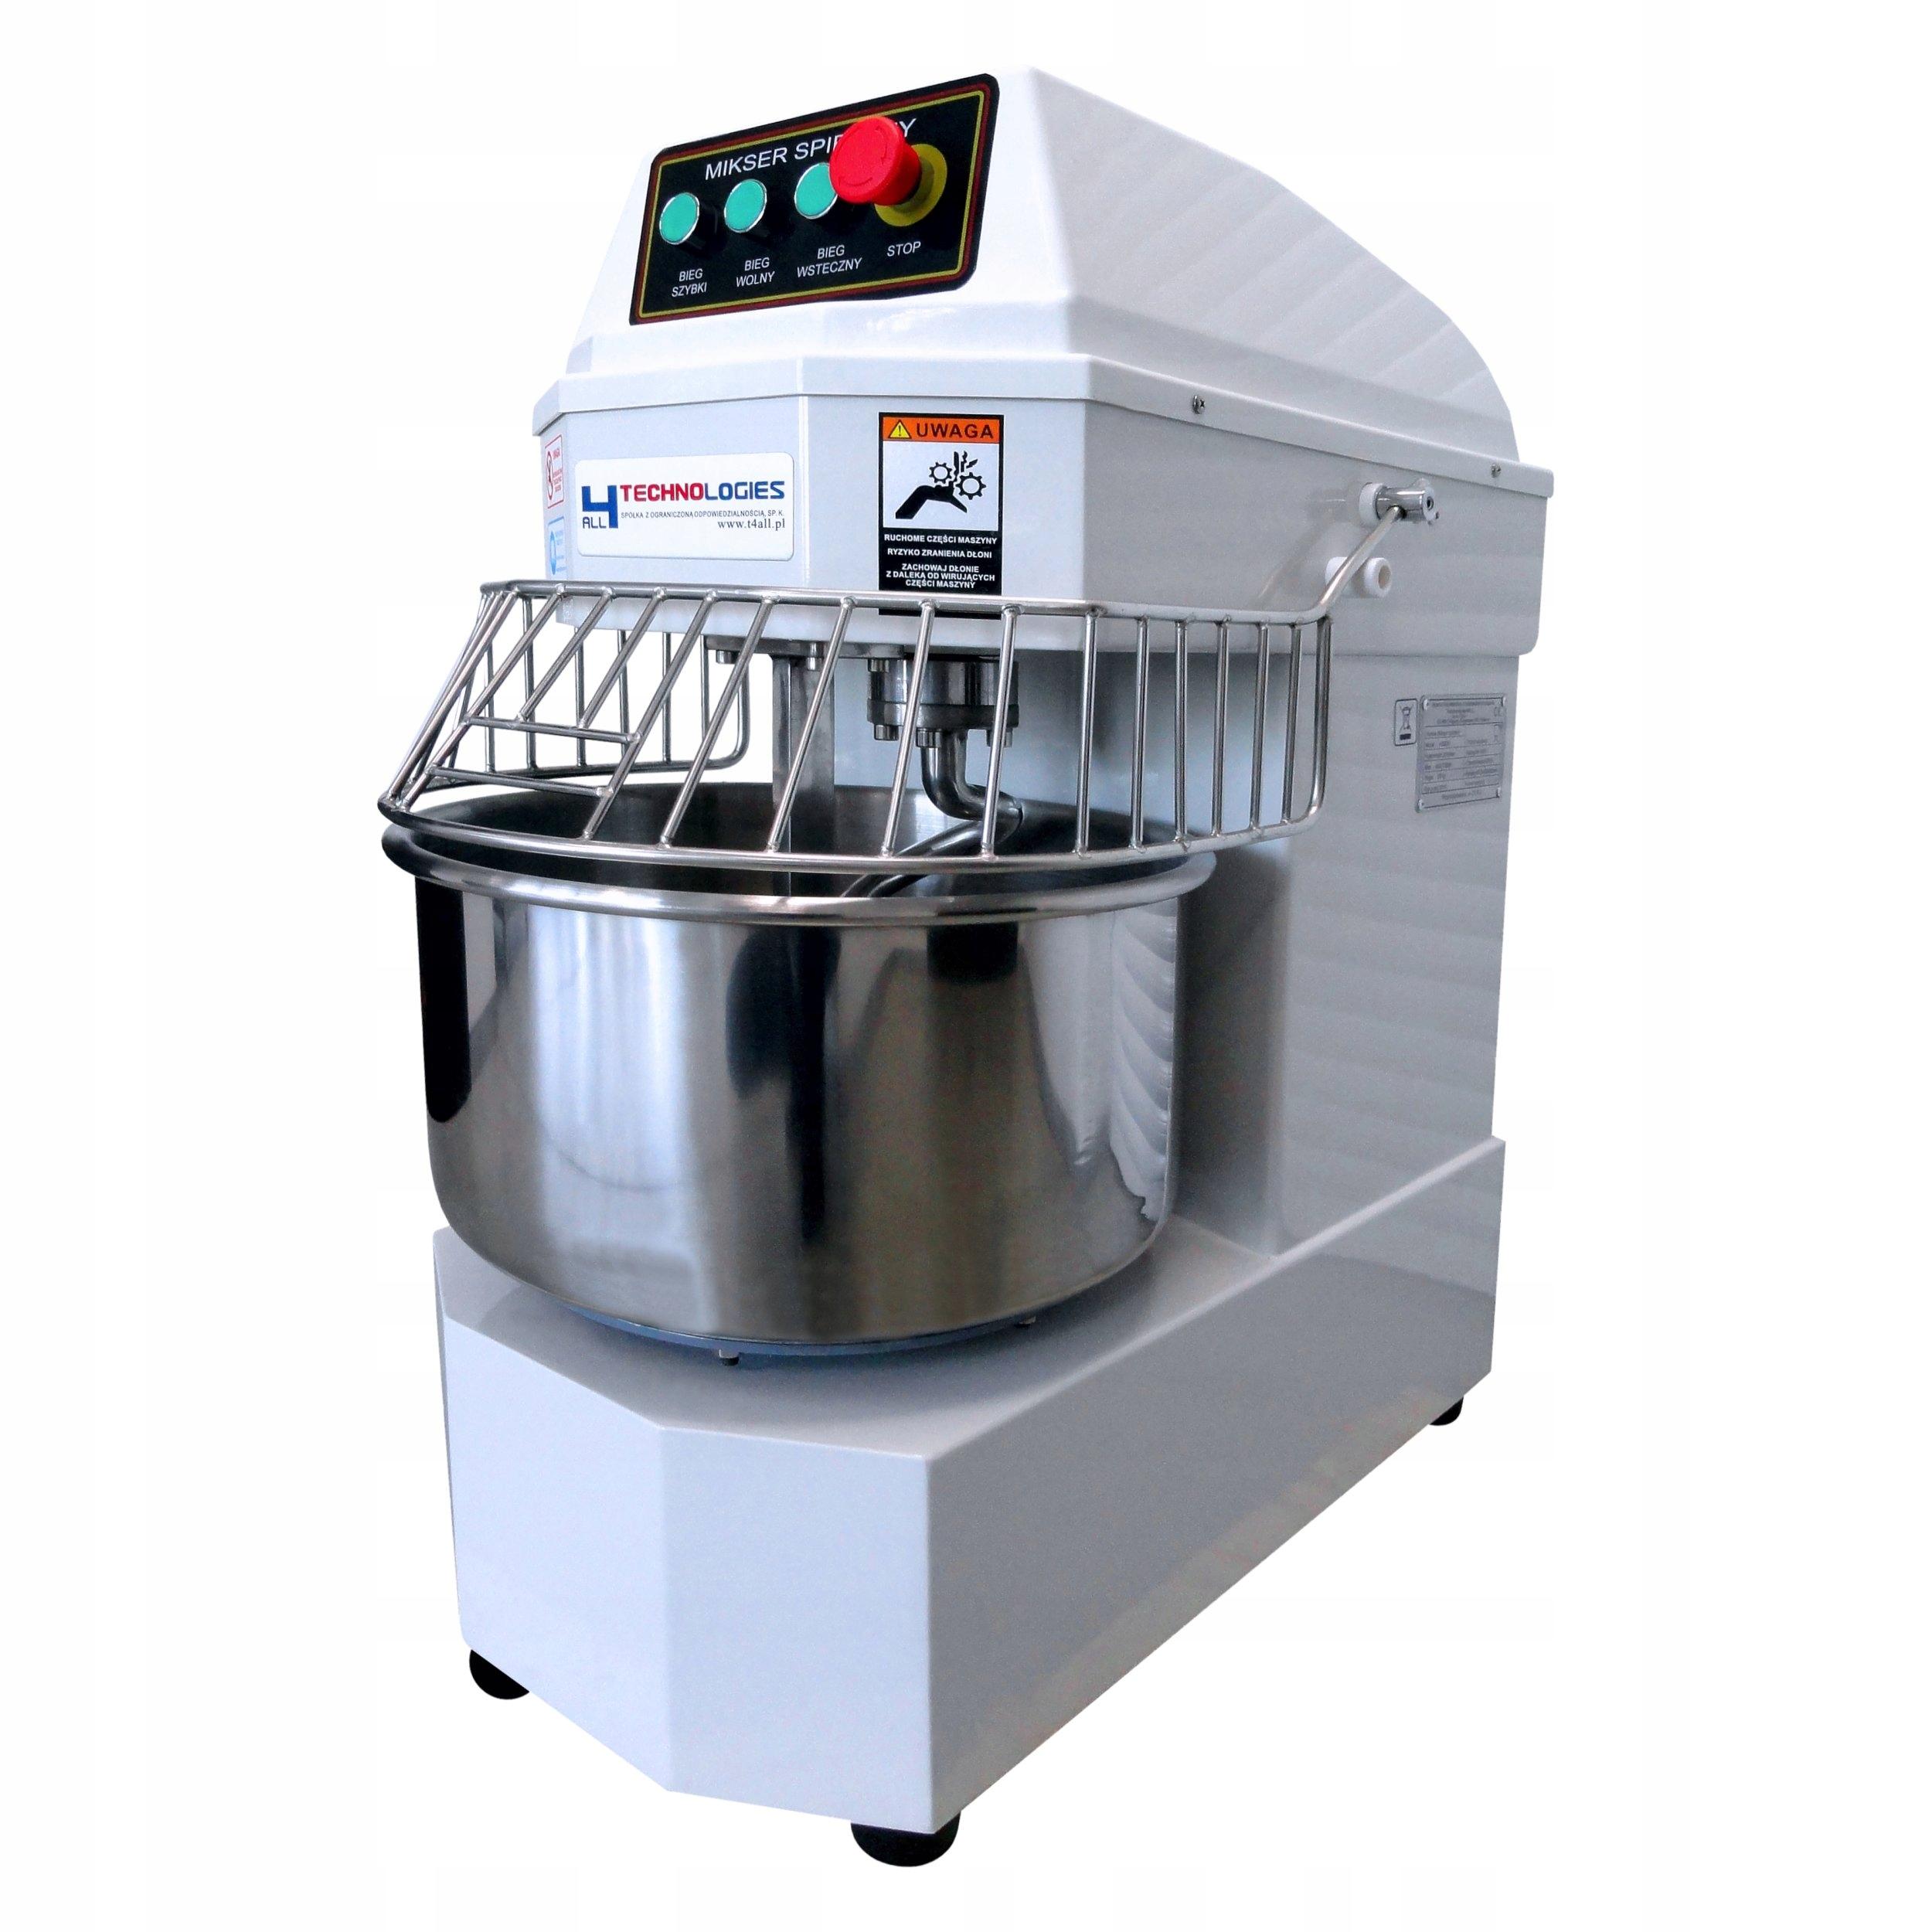 Bakery Mixer SPIRAL SPIRAL MIXER 30L